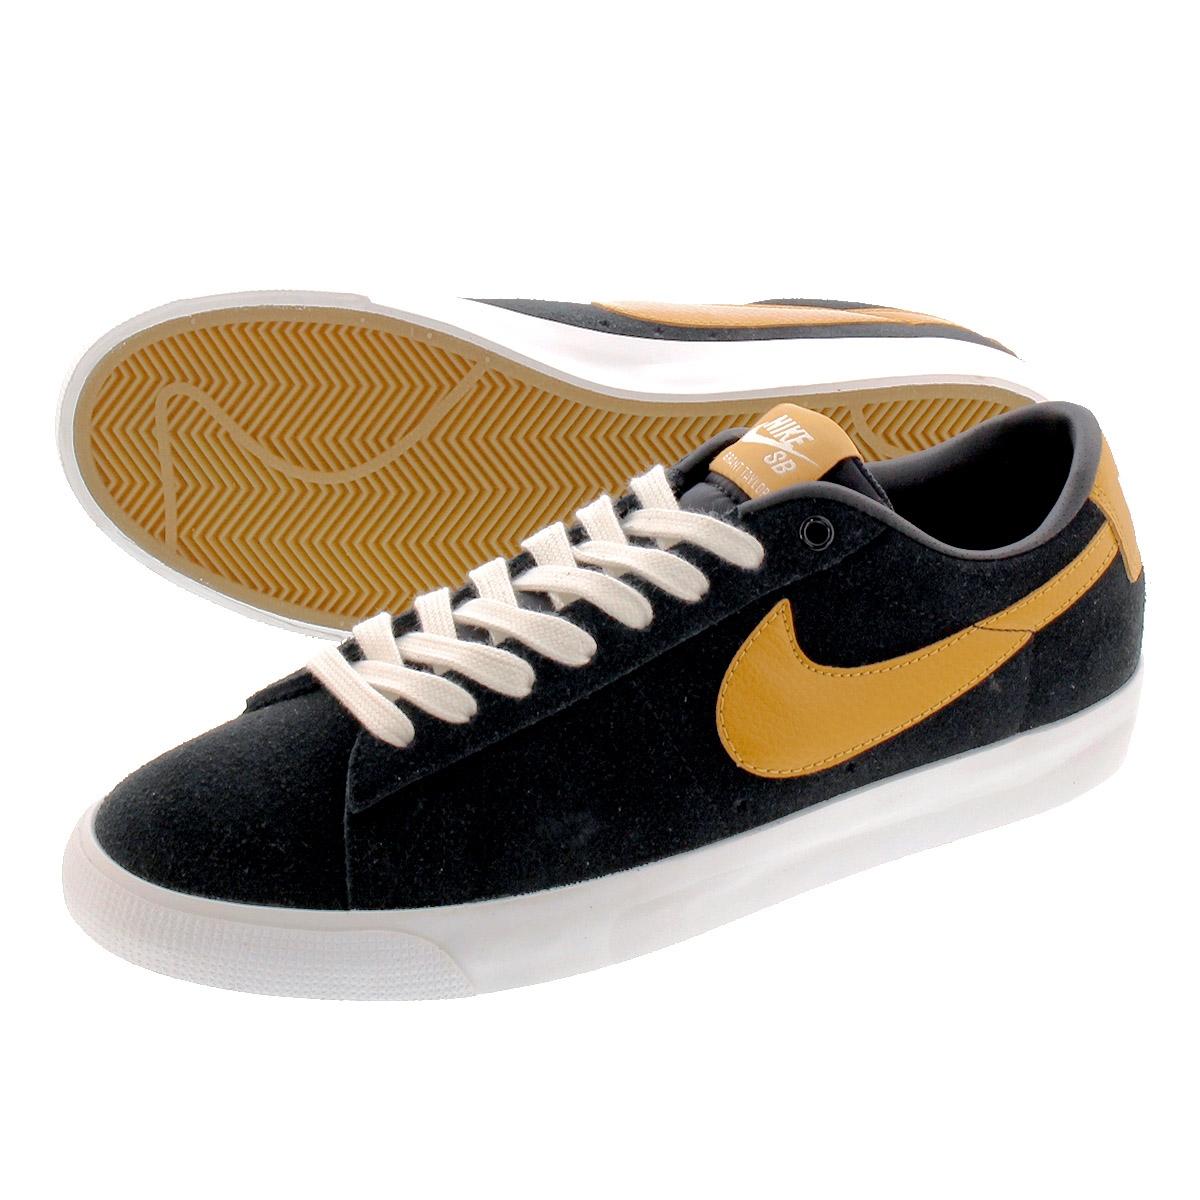 sports shoes e738a d1a20 NIKE SB BLAZER LOW GT Nike SB blazer low GT BLACK/WHEAT/SUMMIT WHITE  704,939-004